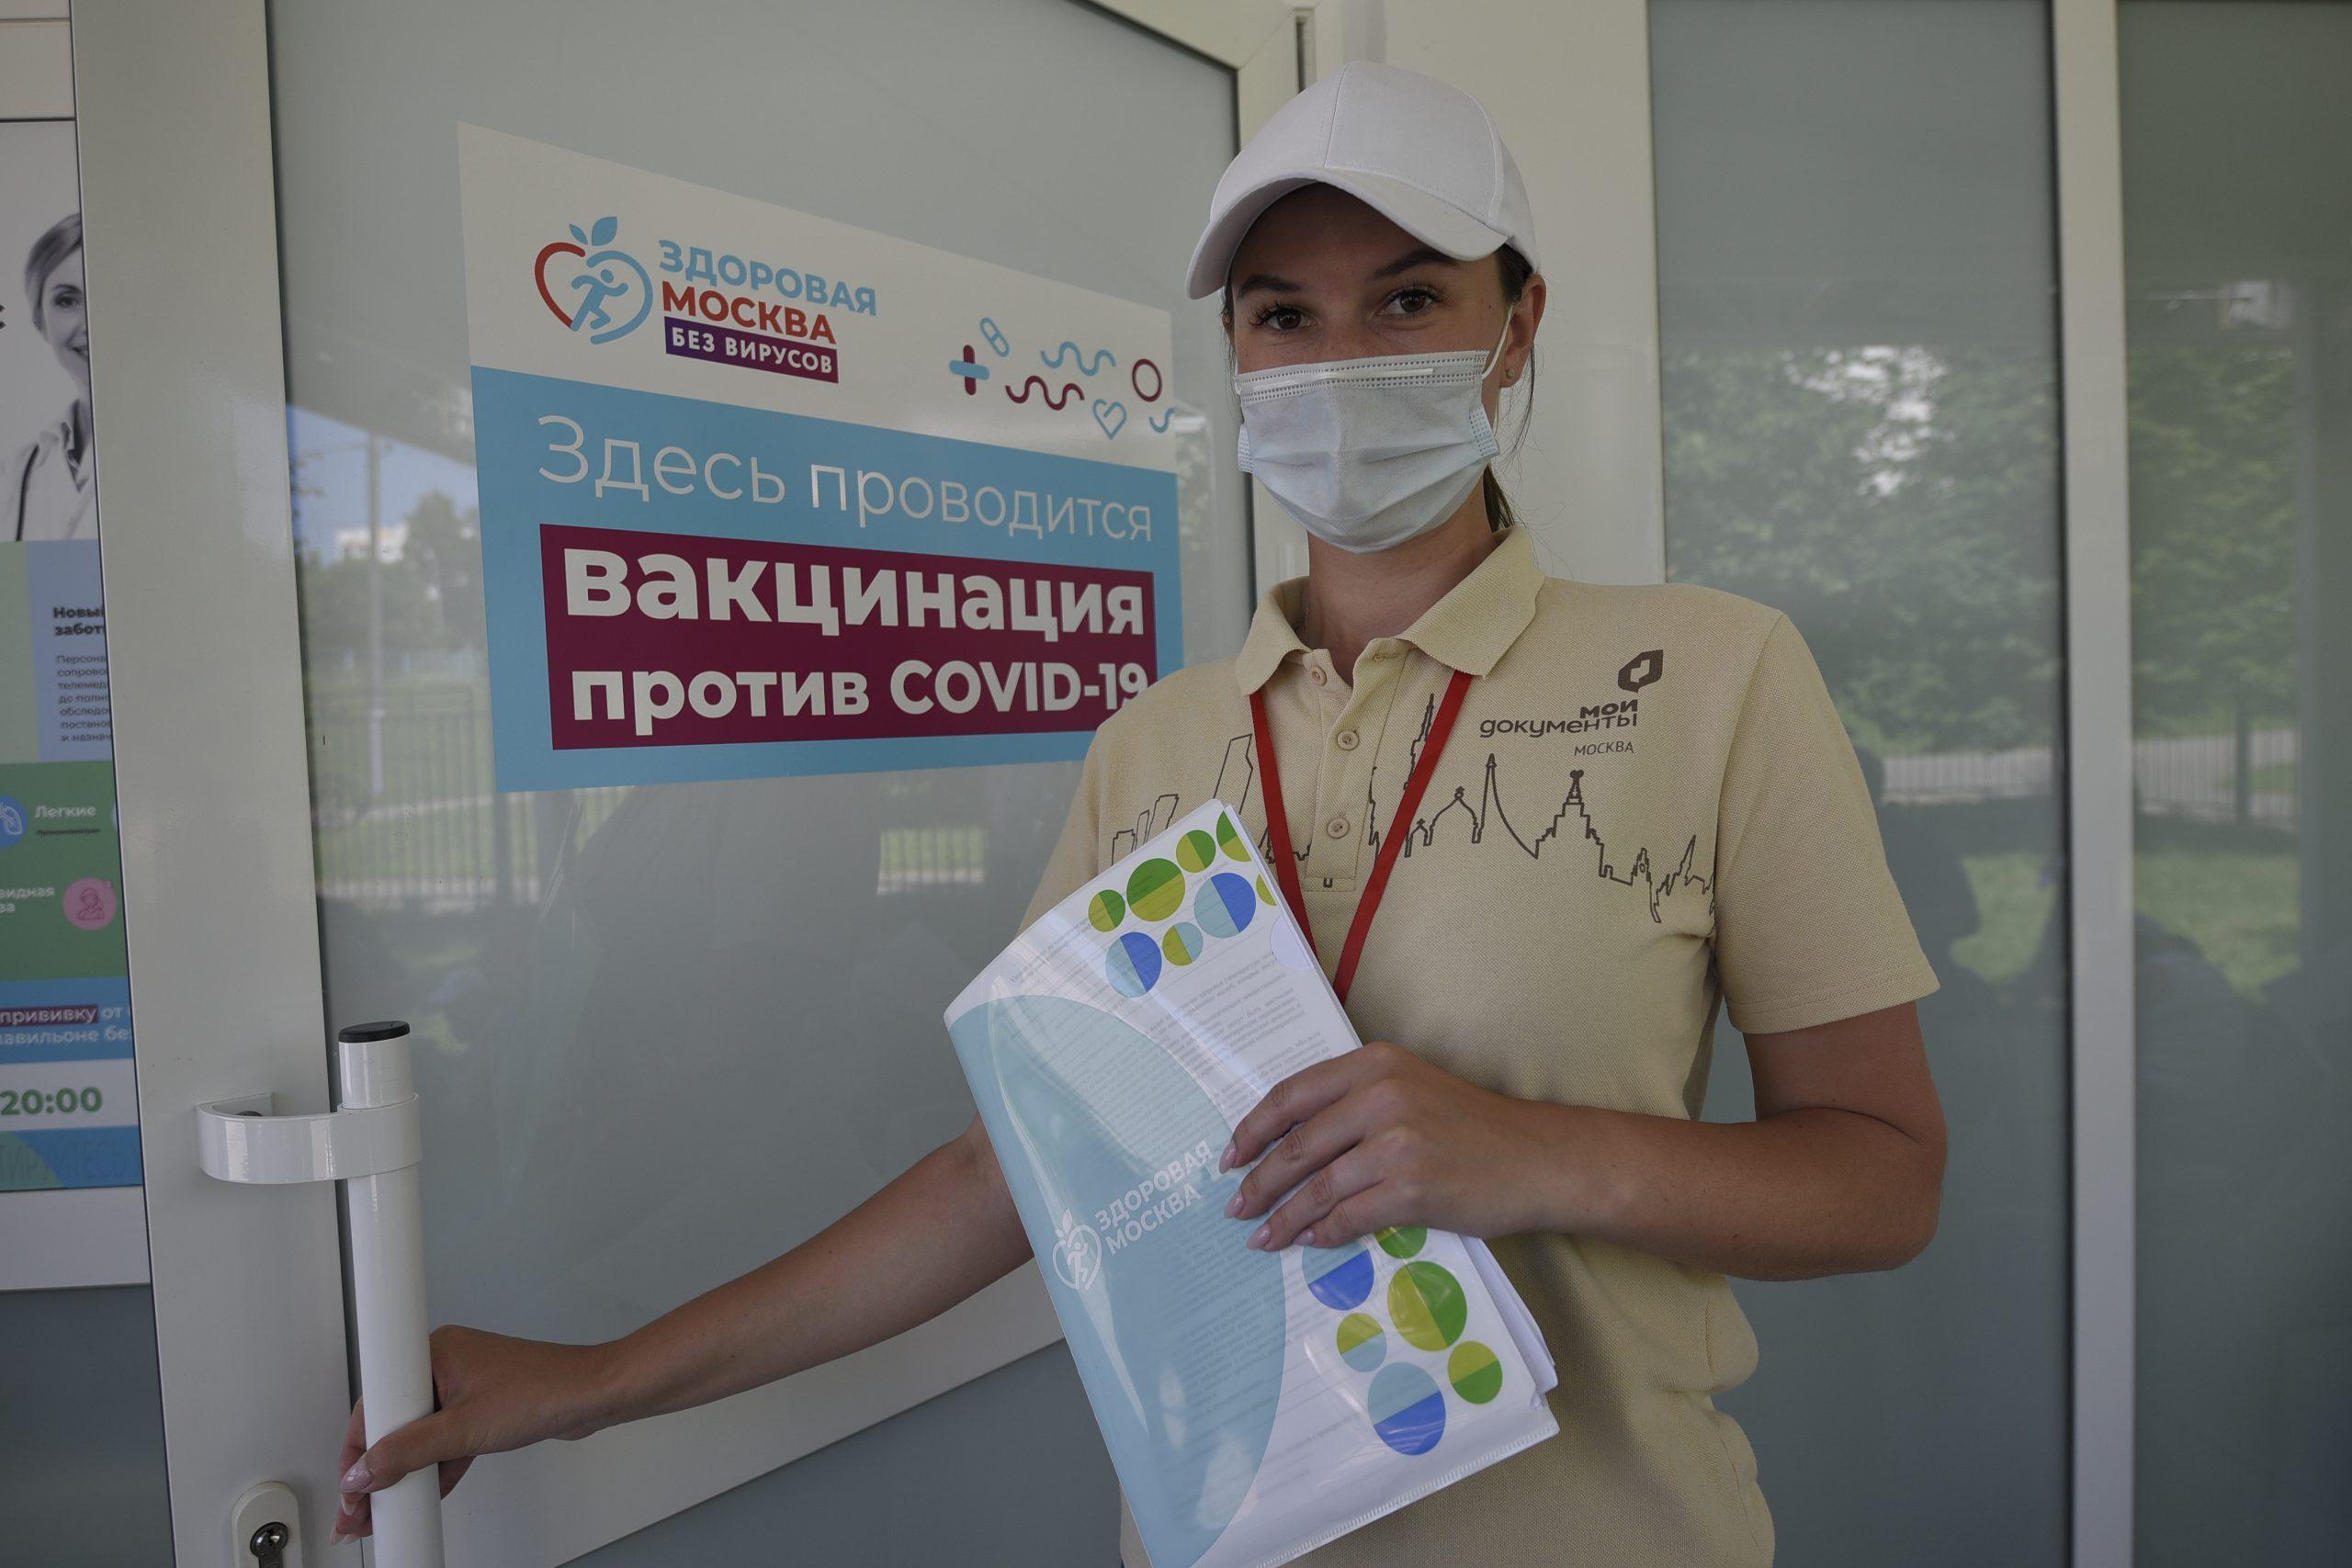 Оперативный штаб: около 68 тысяч иностранцев сделали прививки от COVID-19 в столице